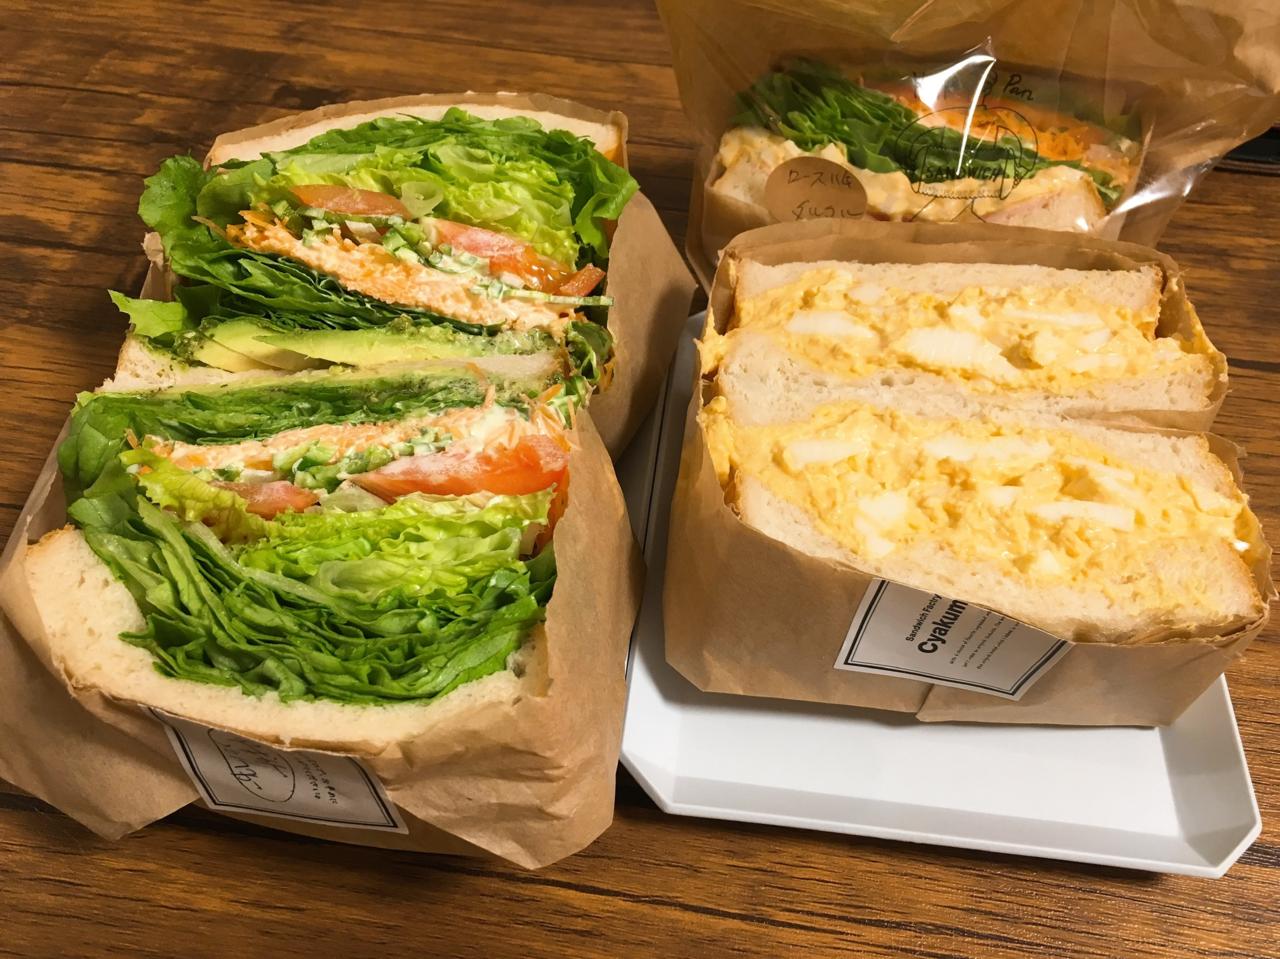 サンドイッチファクトリーチャクミ―のサンドイッチ